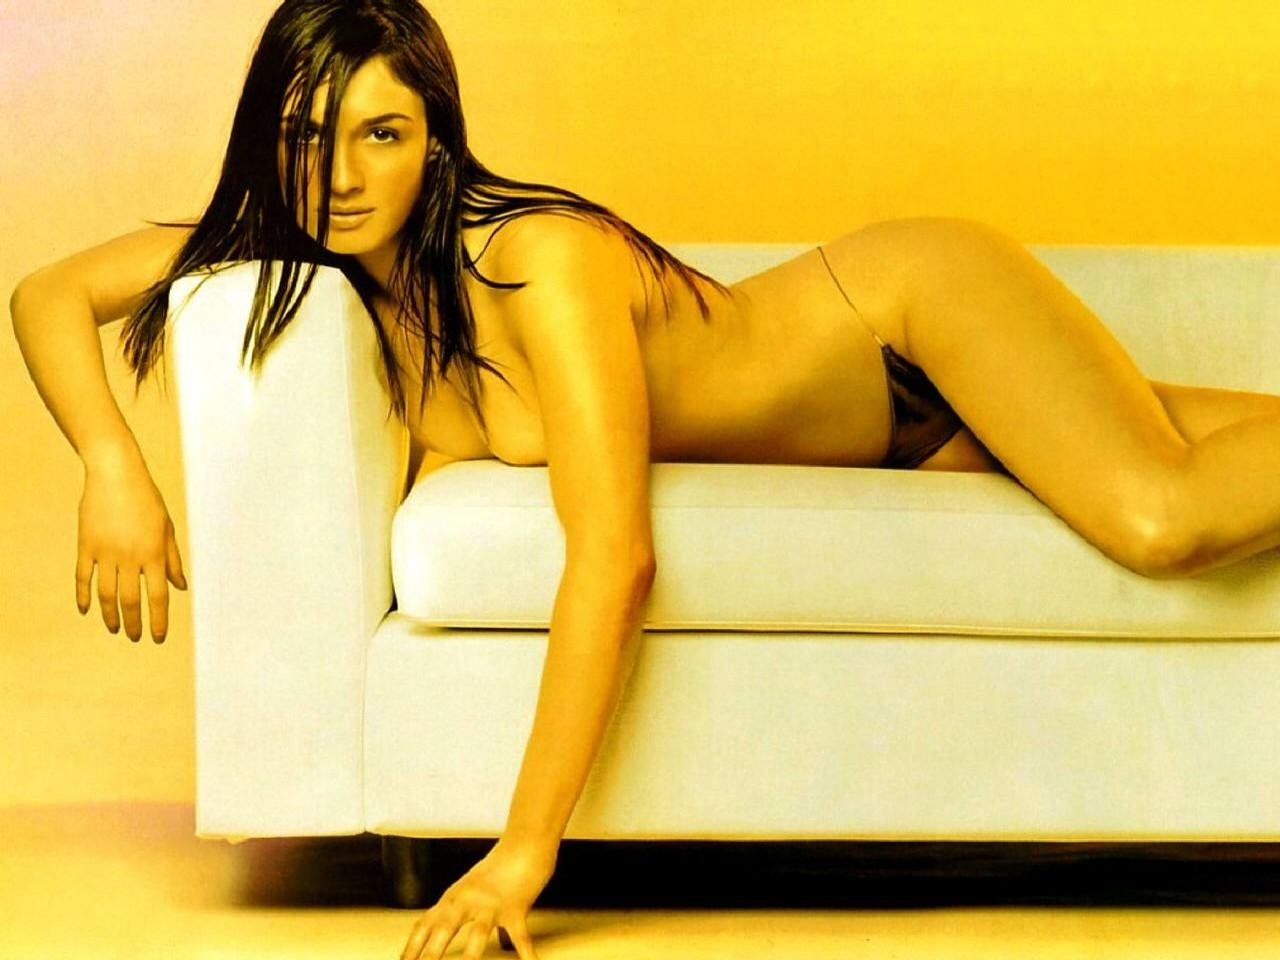 Wallpaper di Paz Vega in topless